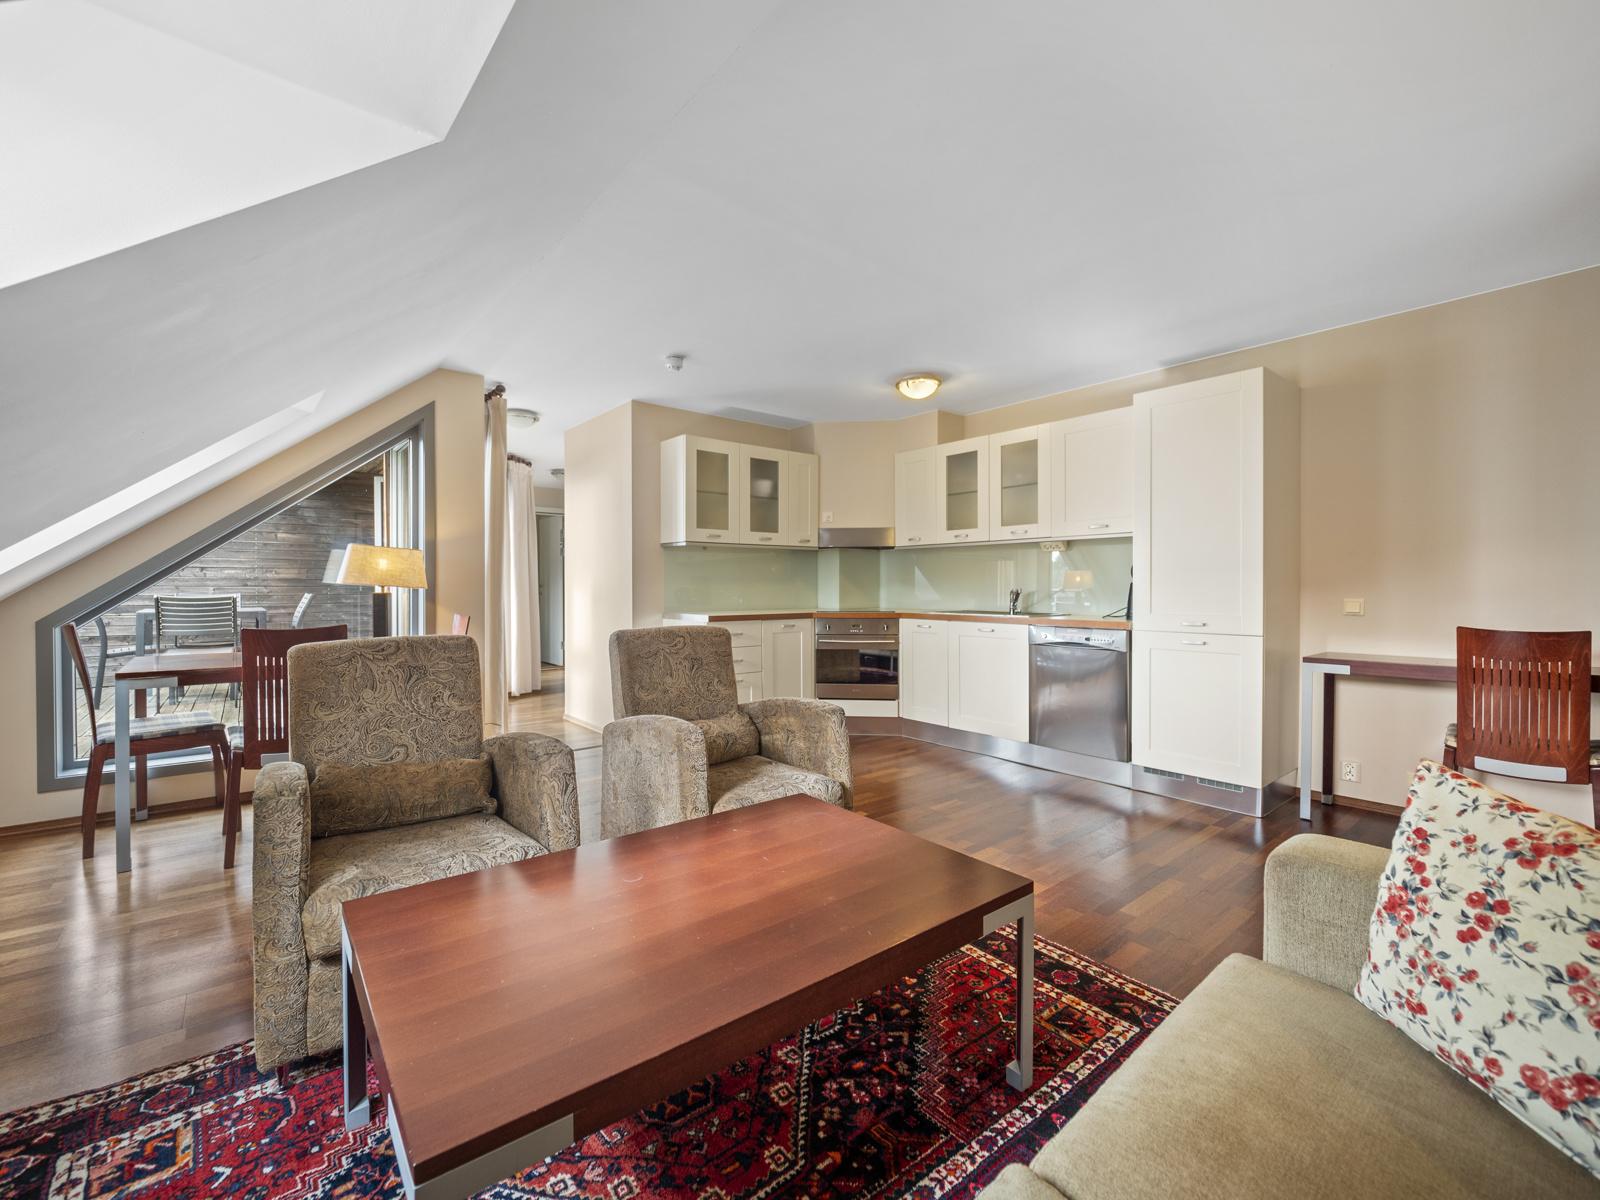 Plass til både sofagruppe og spisebord i stuen - Spennende planløsning med takvinduer som gir gode lysforhold.